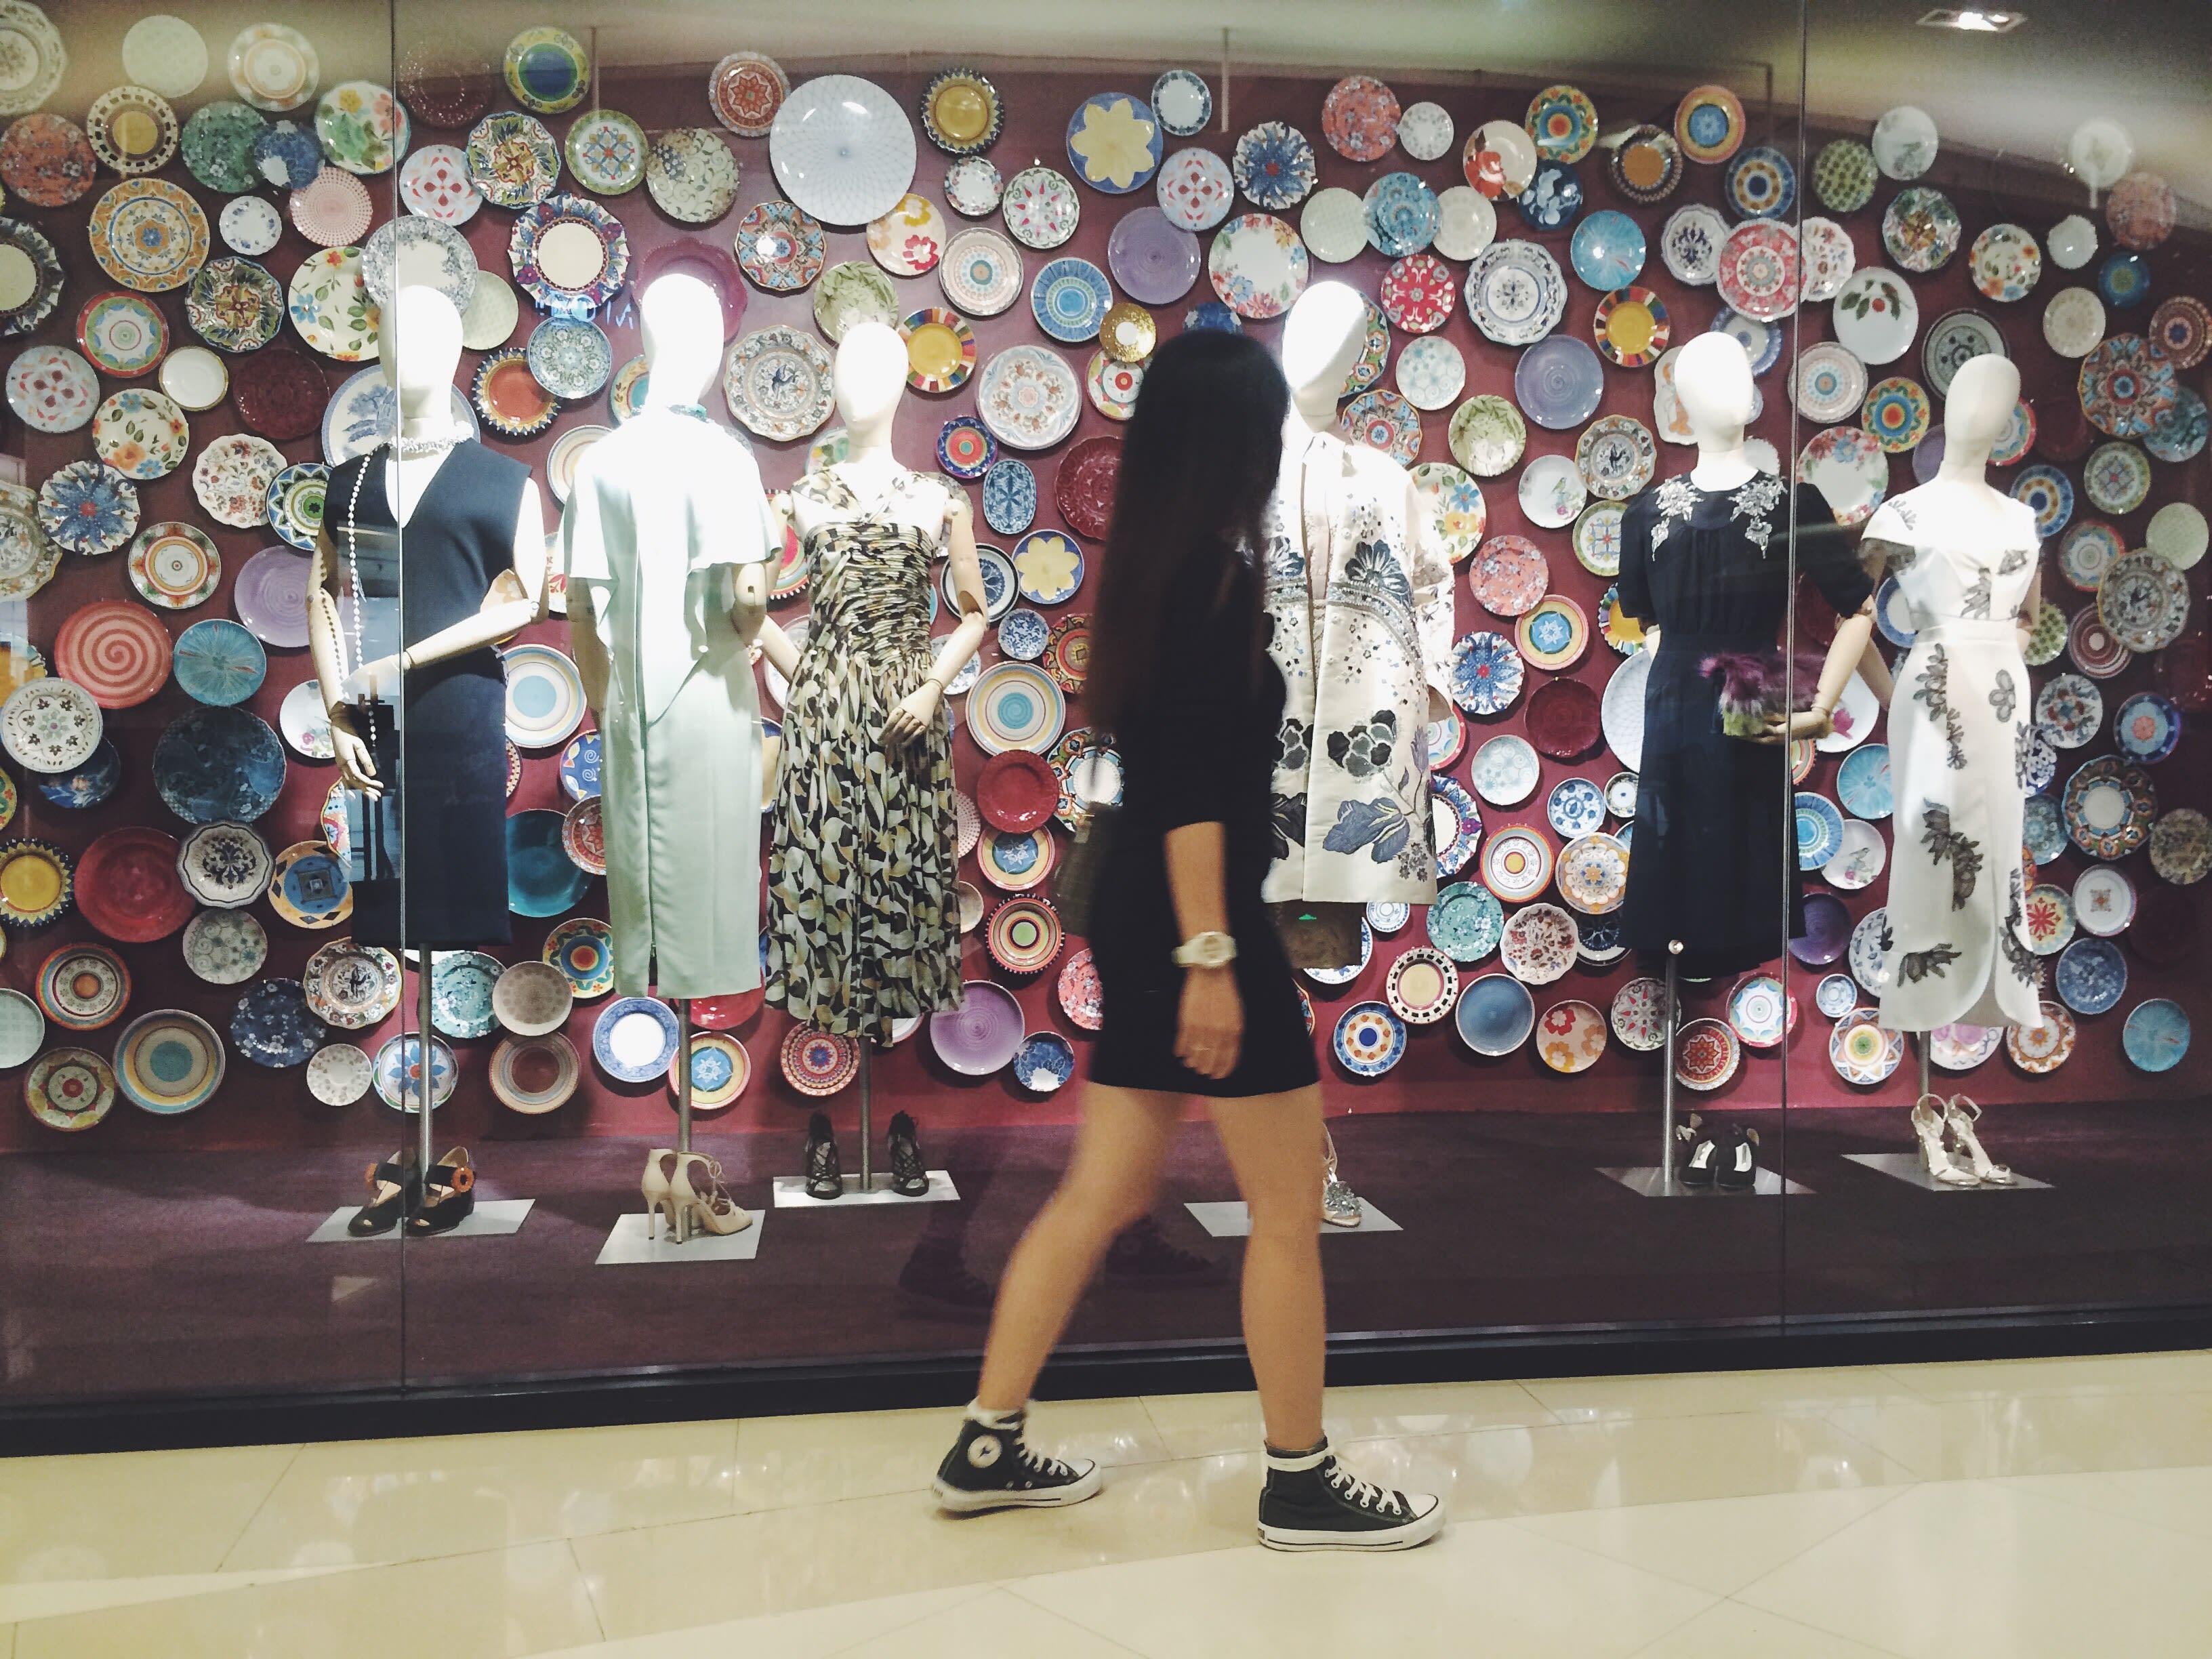 mua sắm tại các trung tâm thương mại trong chuyến du lịch thái lan 4 ngày 3 đêm